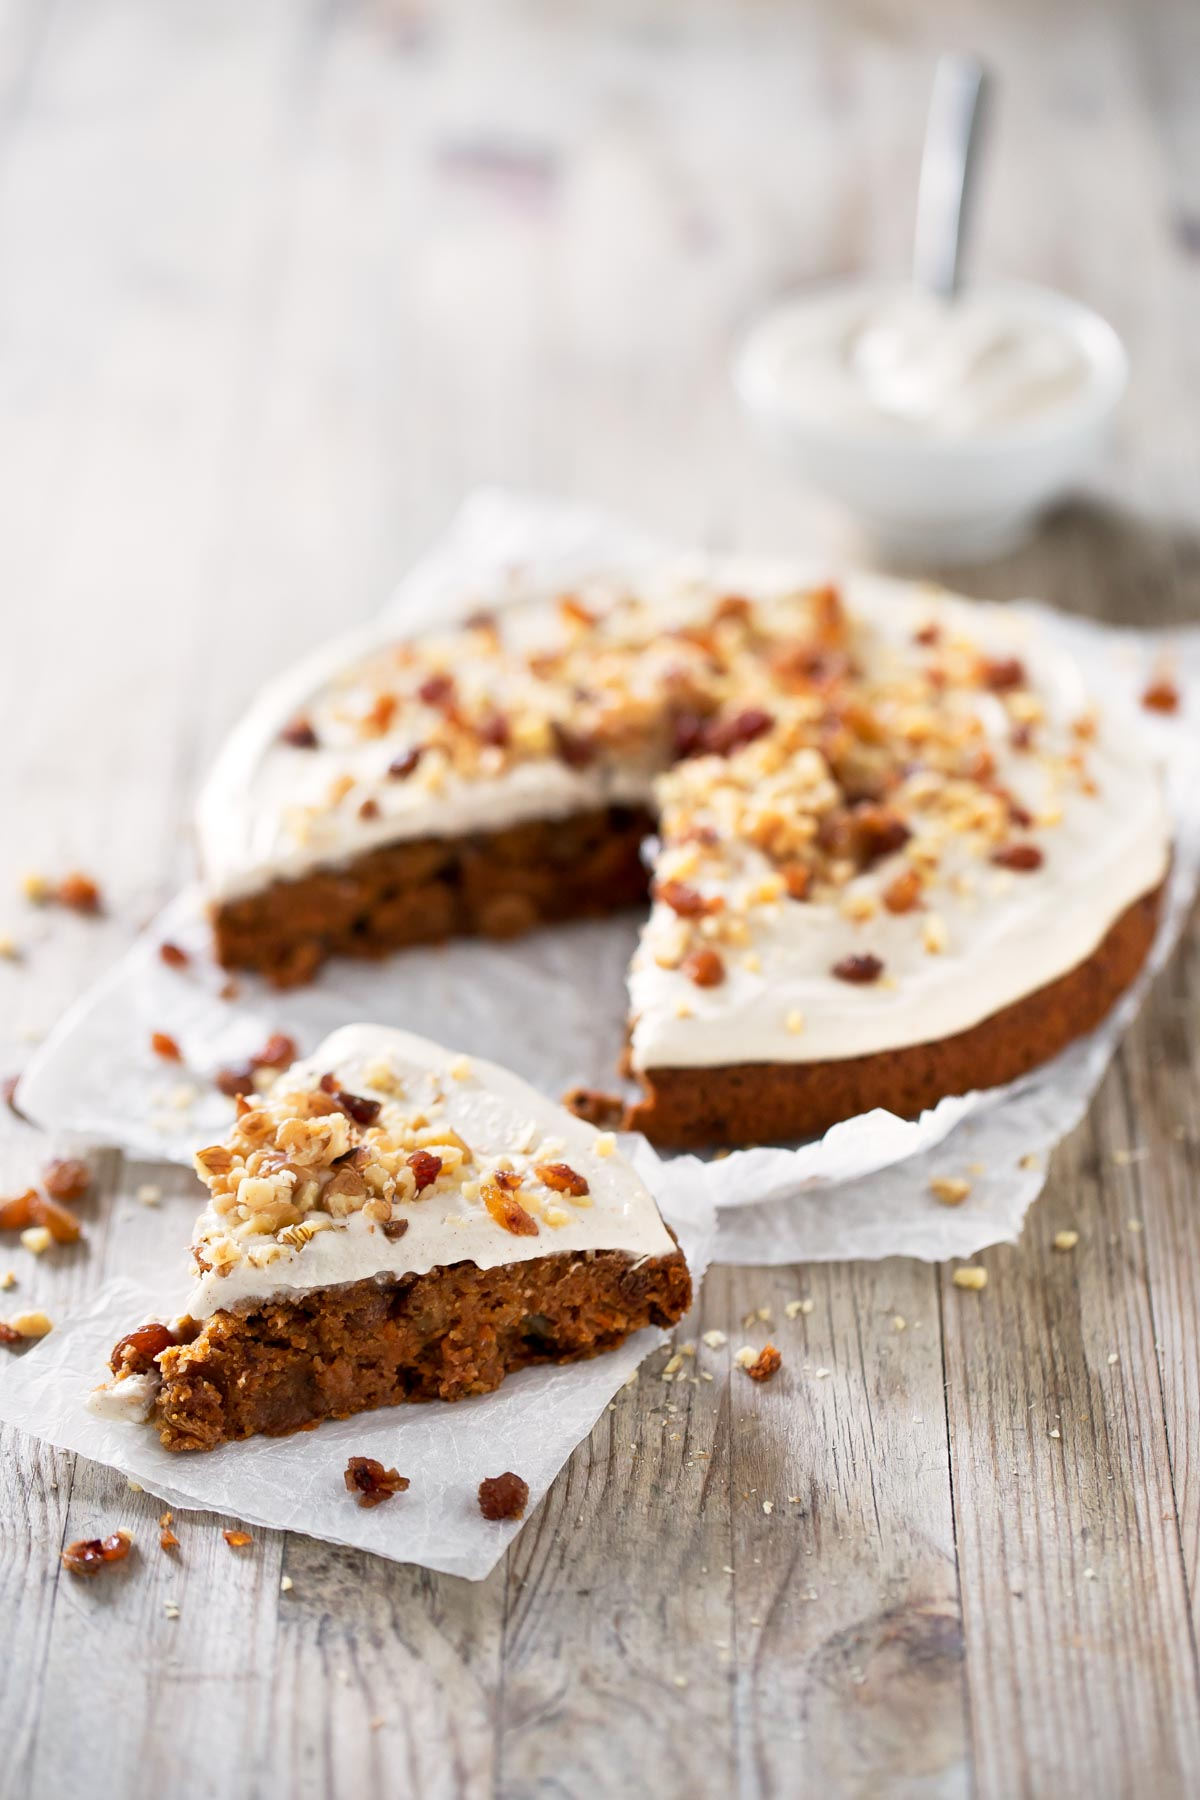 Tarta de Zanahoria Vegana.- Esta riquísima tarta de zanahoria vegana está hecha con ingredientes saludables, naturales y no lleva aceite, ni grasas procesadas.